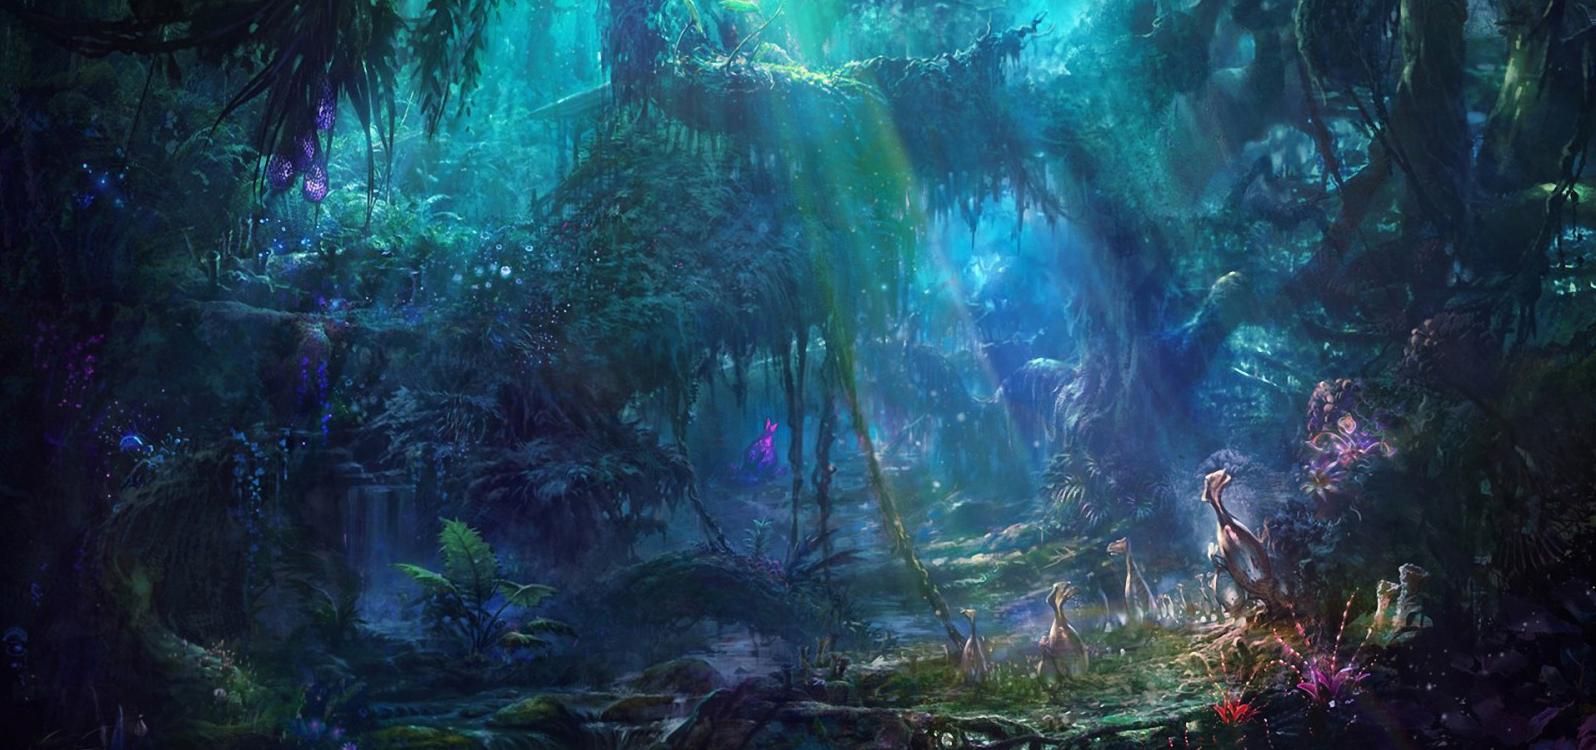 https://image.ibb.co/mjZtOz/landscape_fantasy_art_forest_sun_rays_203754_jpg_d.jpg